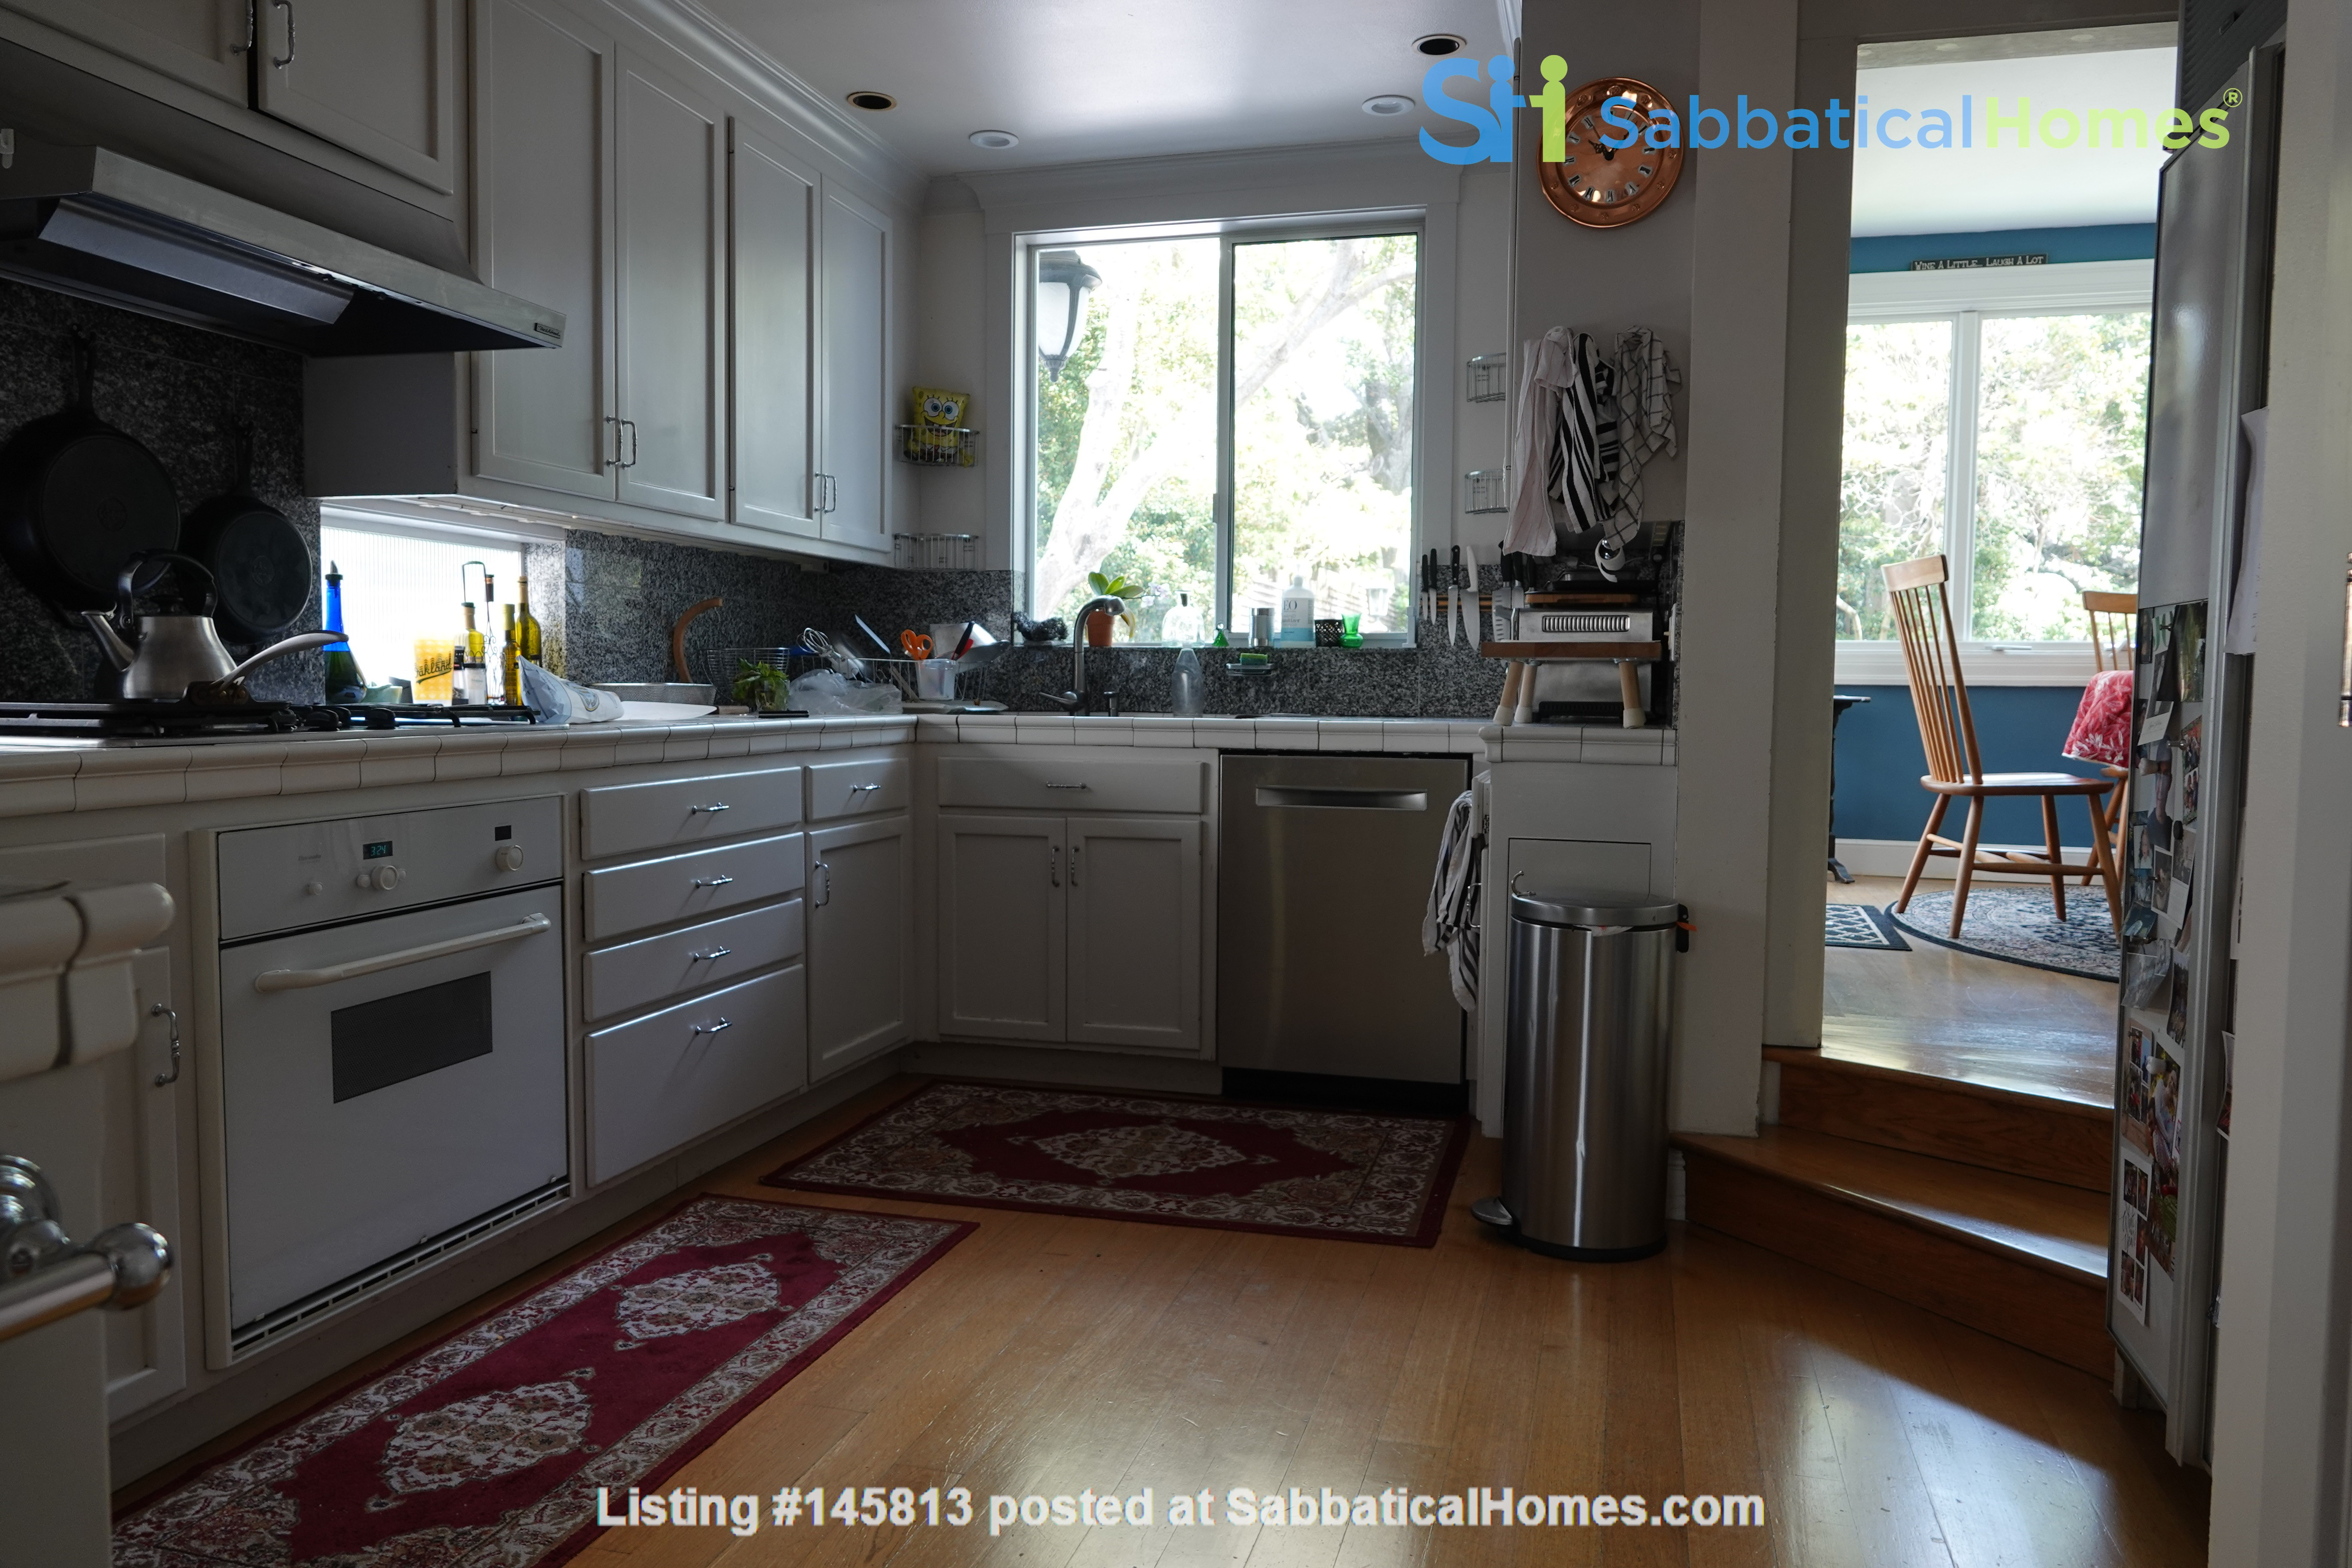 Looking for 2-3 bedroom in New York City Home Exchange in Berkeley 4